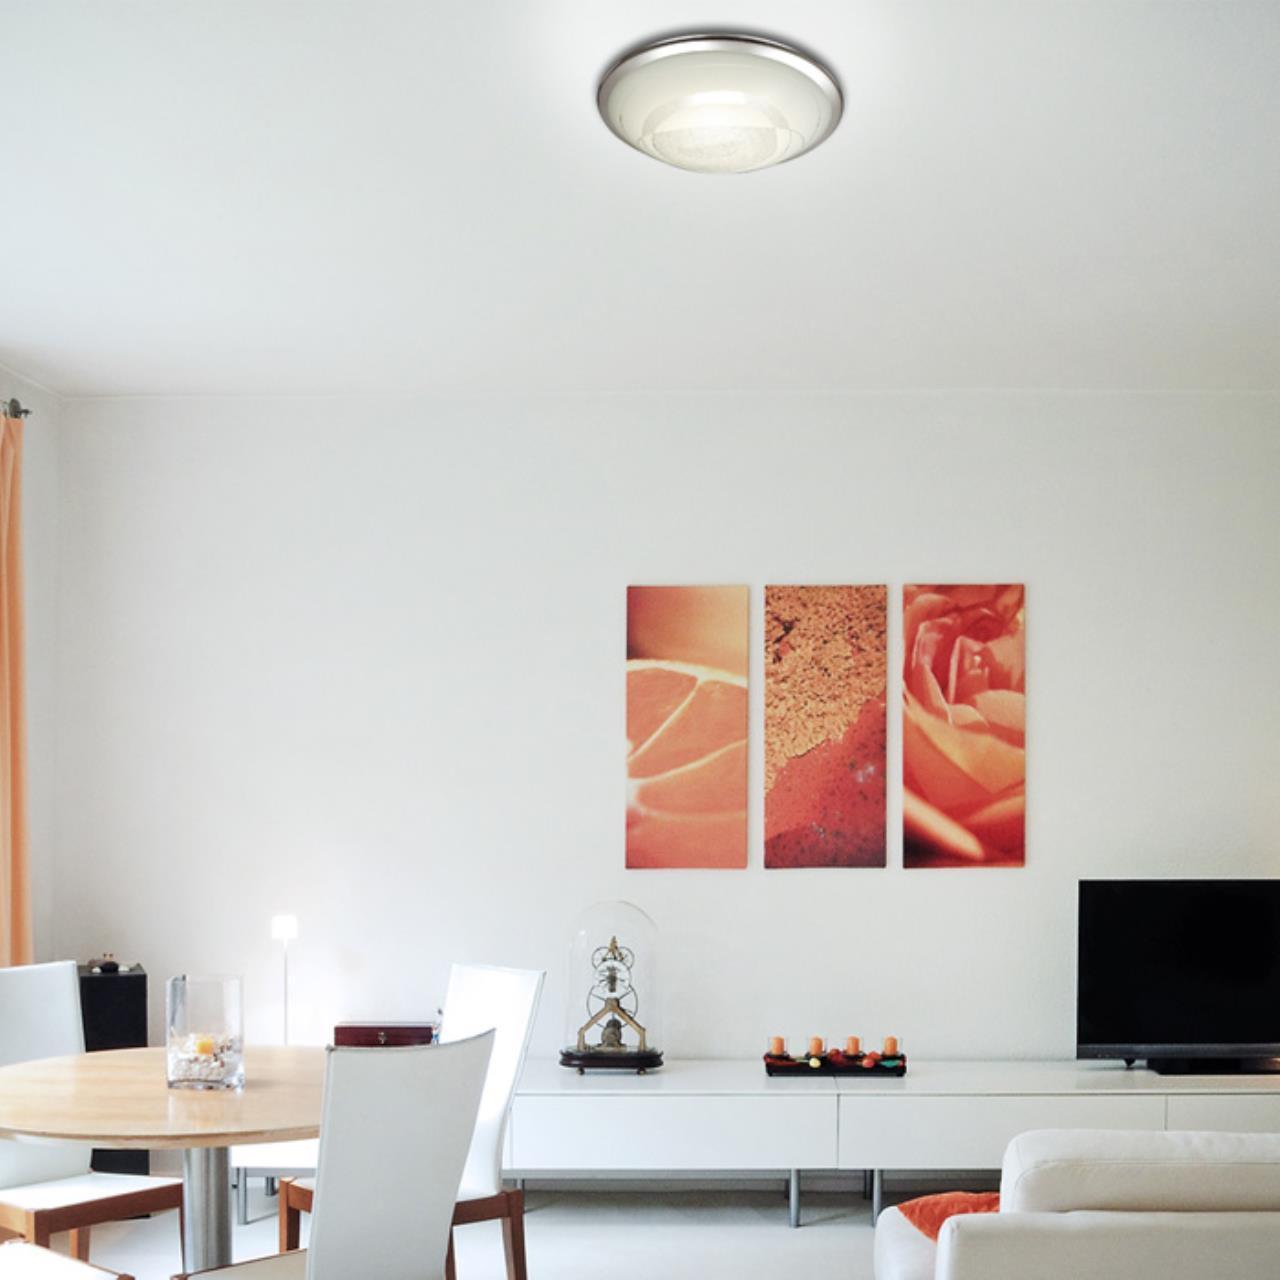 Потолочный светодиодный светильник Sonex Mabia 2062/CL, LED 28W 4000K 1419lm, хром, белый, металл, стекло - фото 7